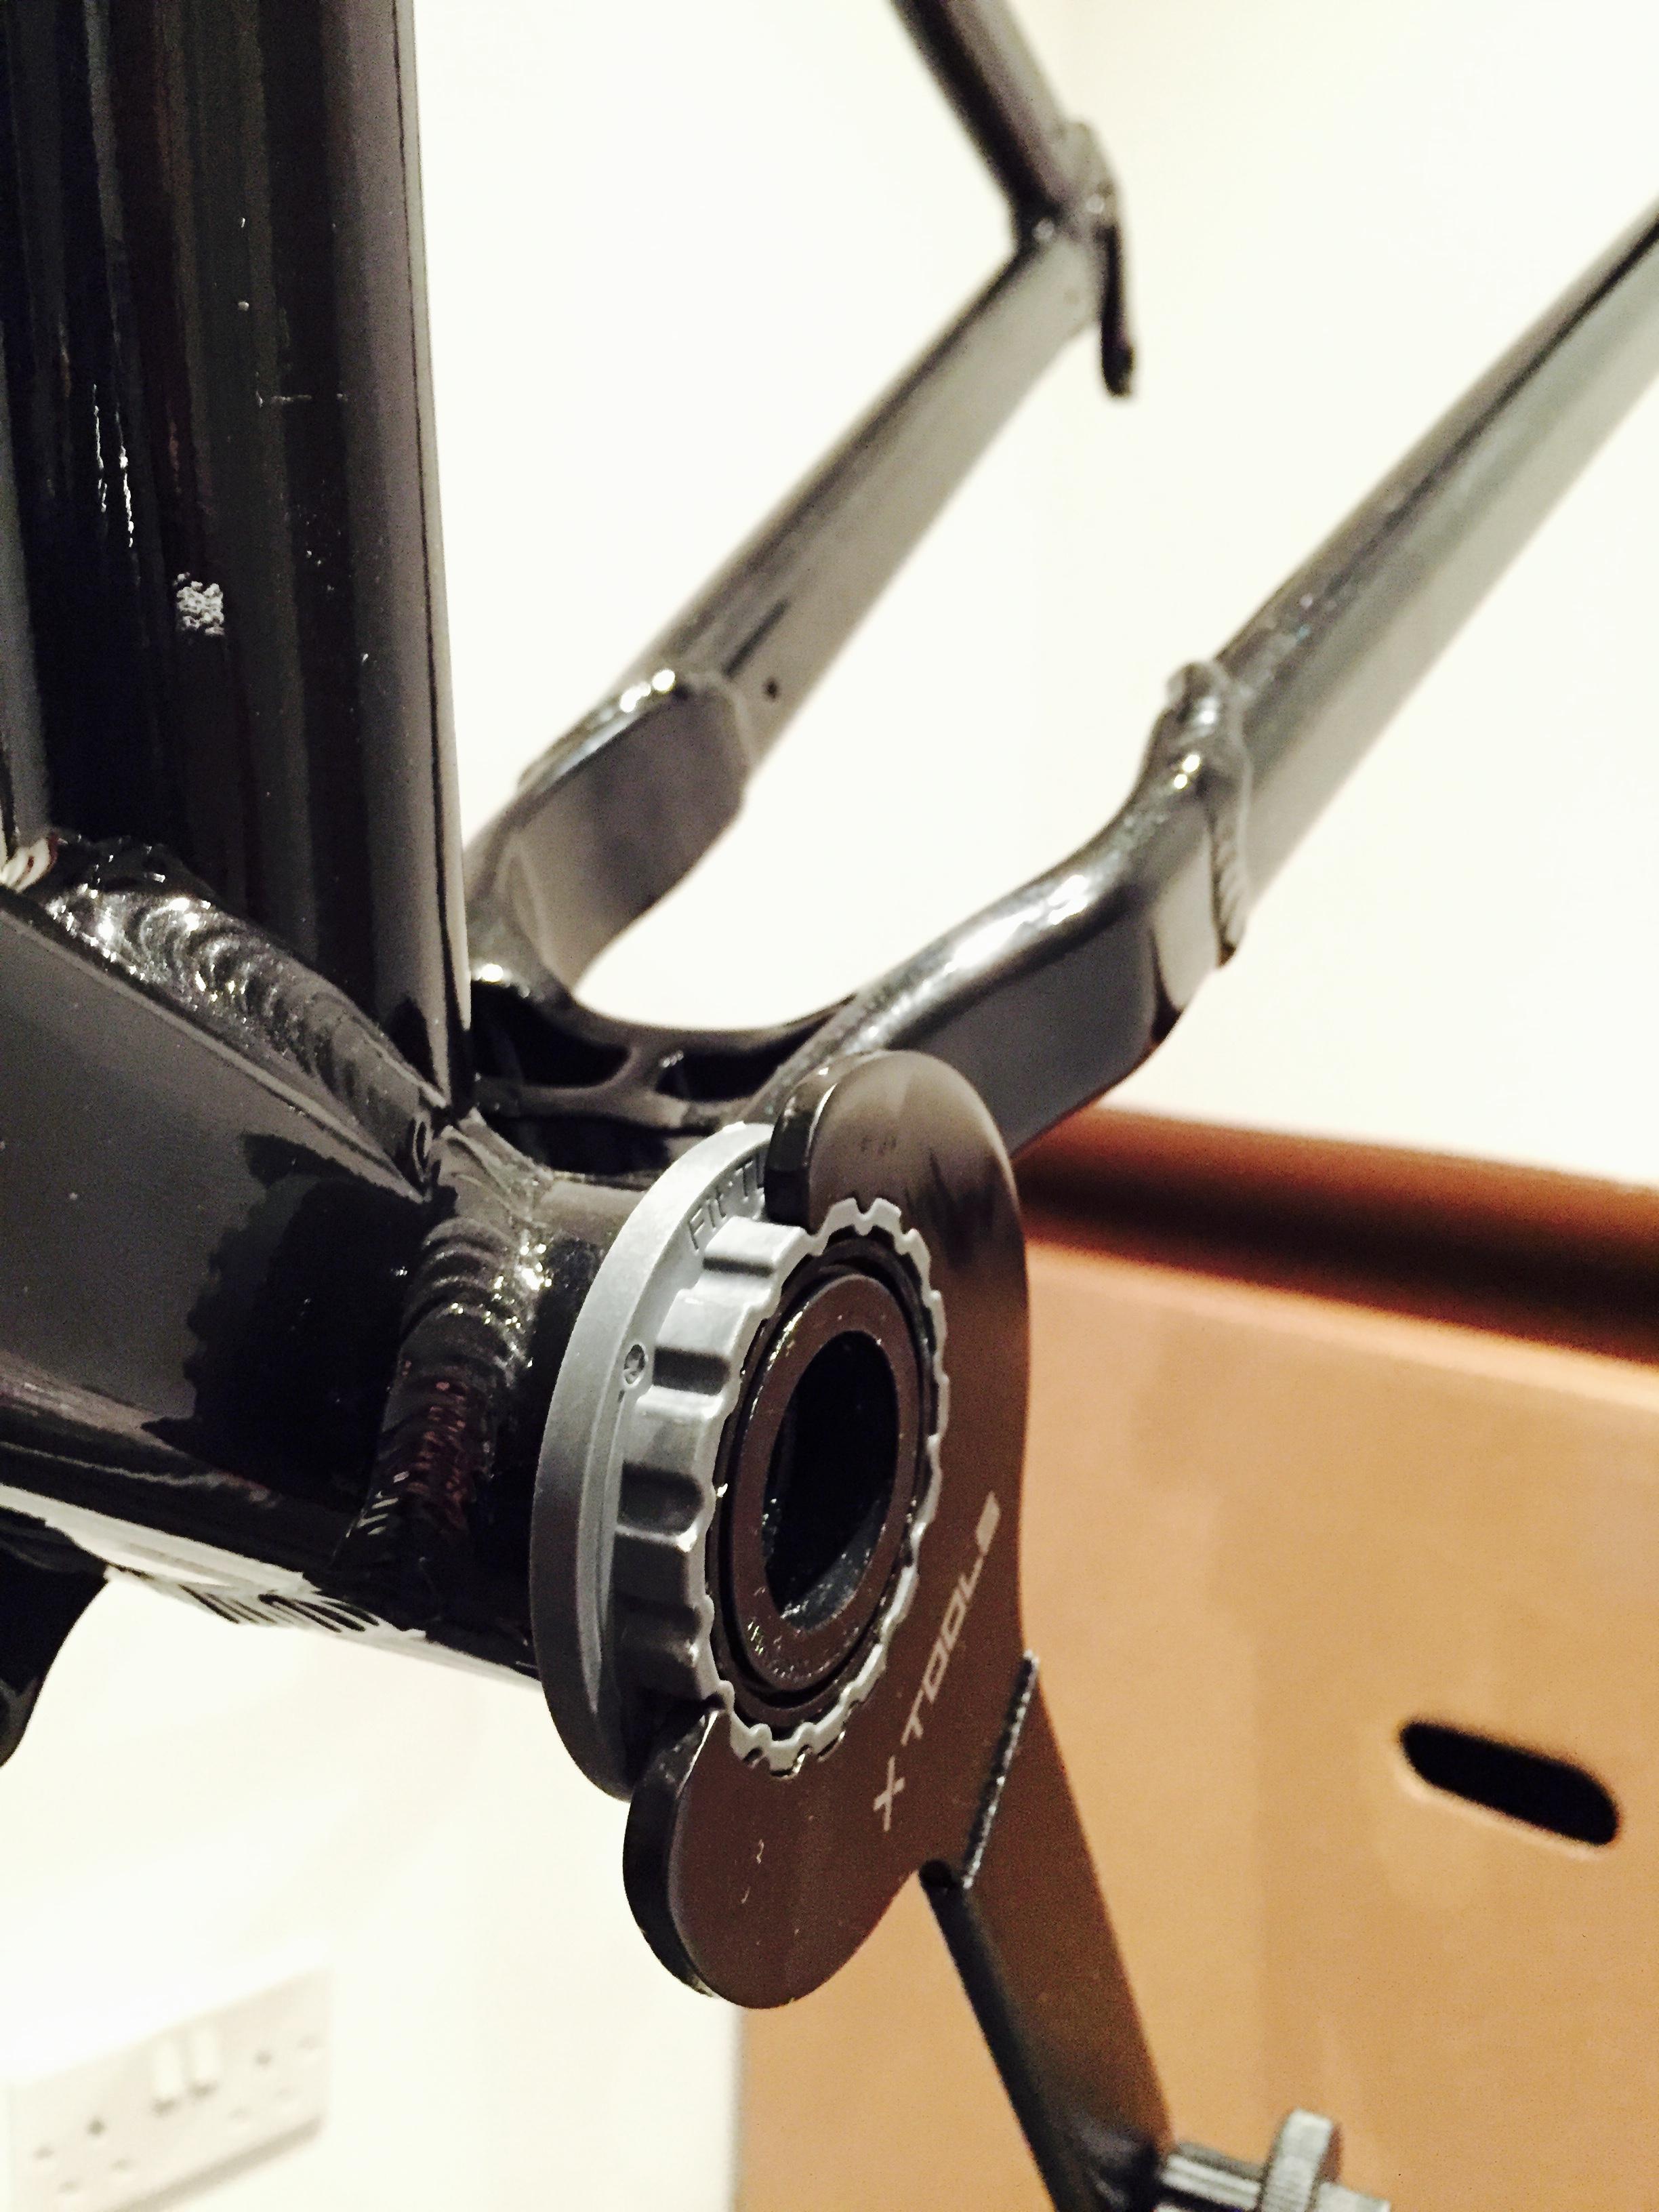 Fitting the bottom bracket